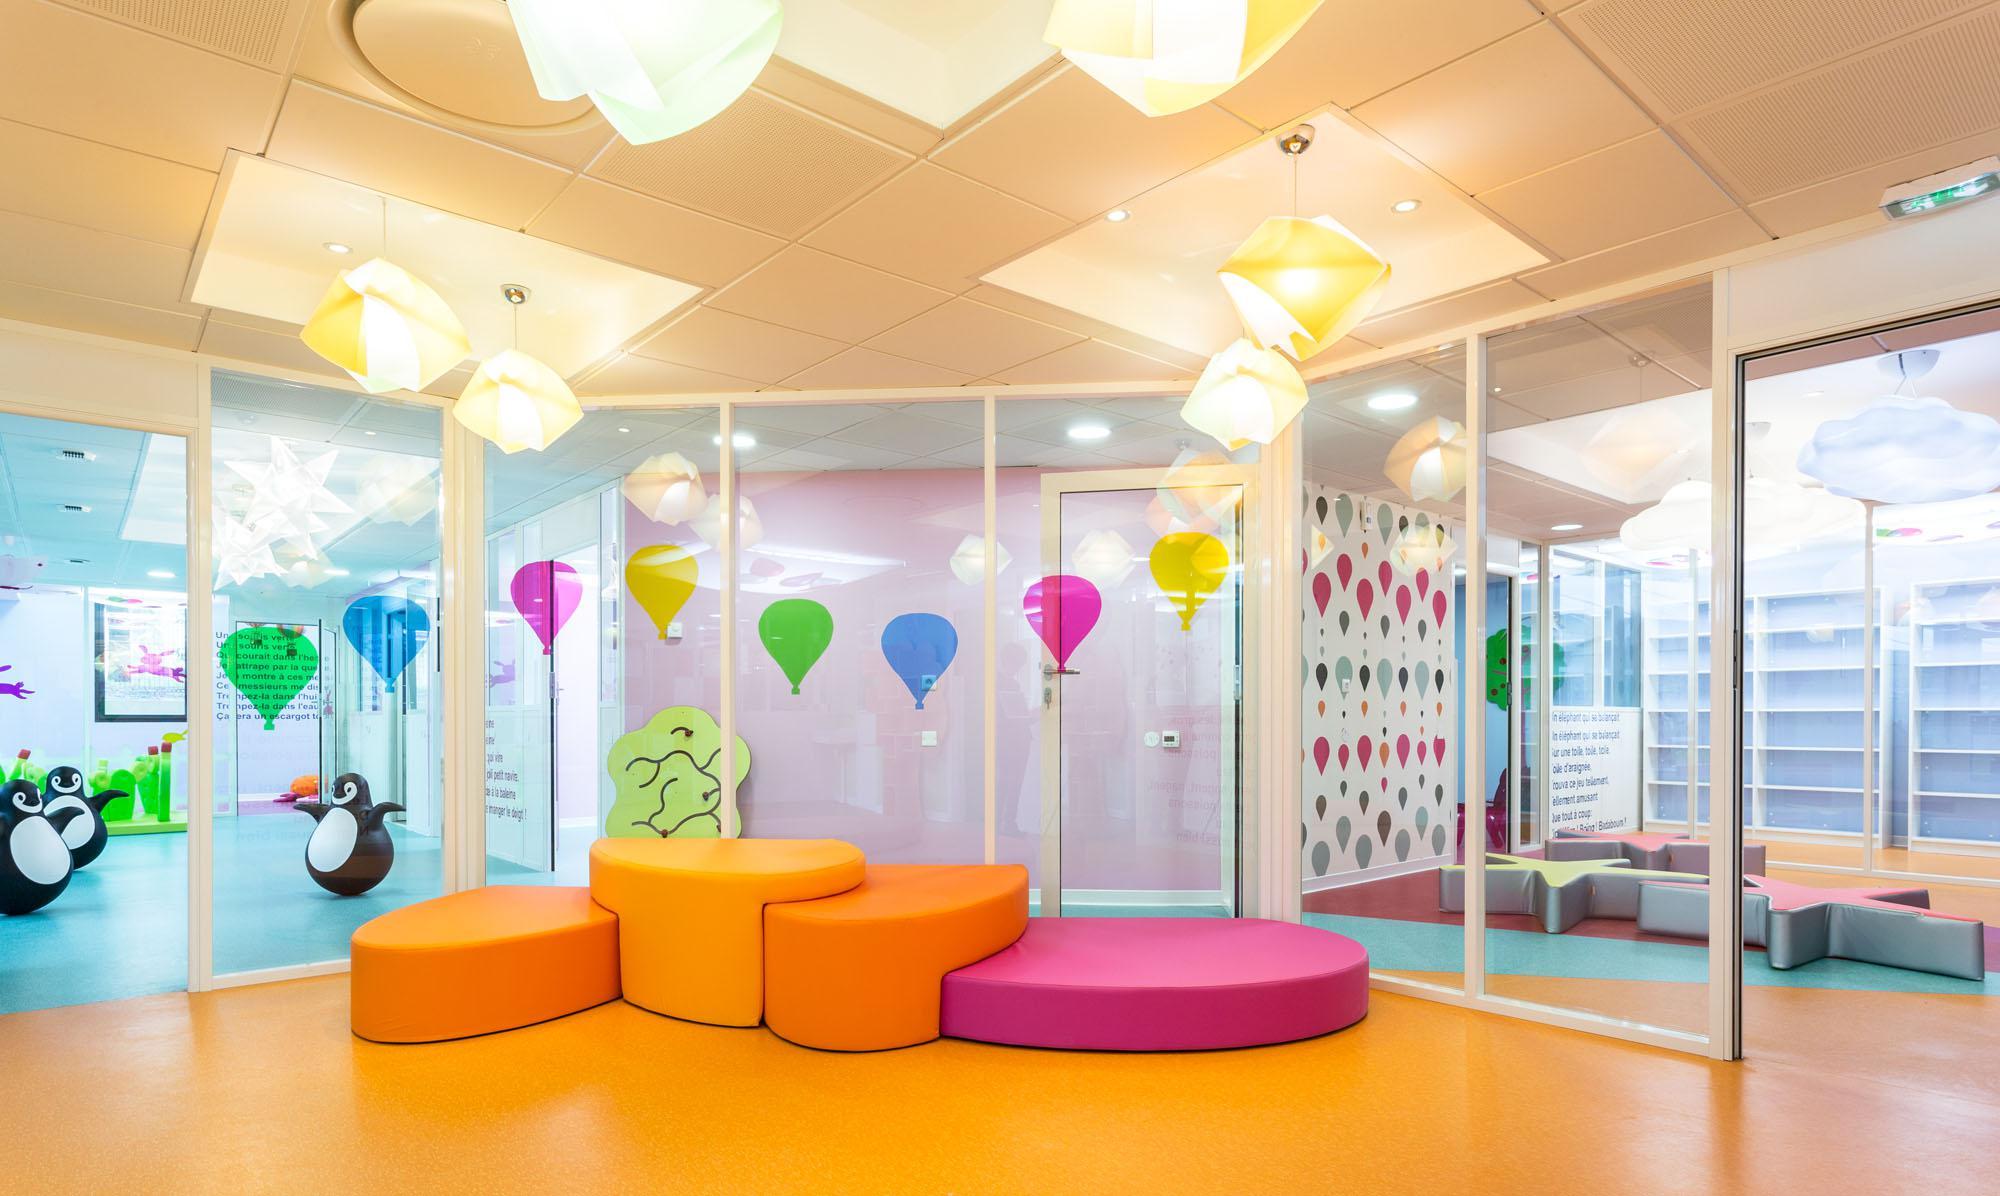 Оформление группы в детском саду мебелью